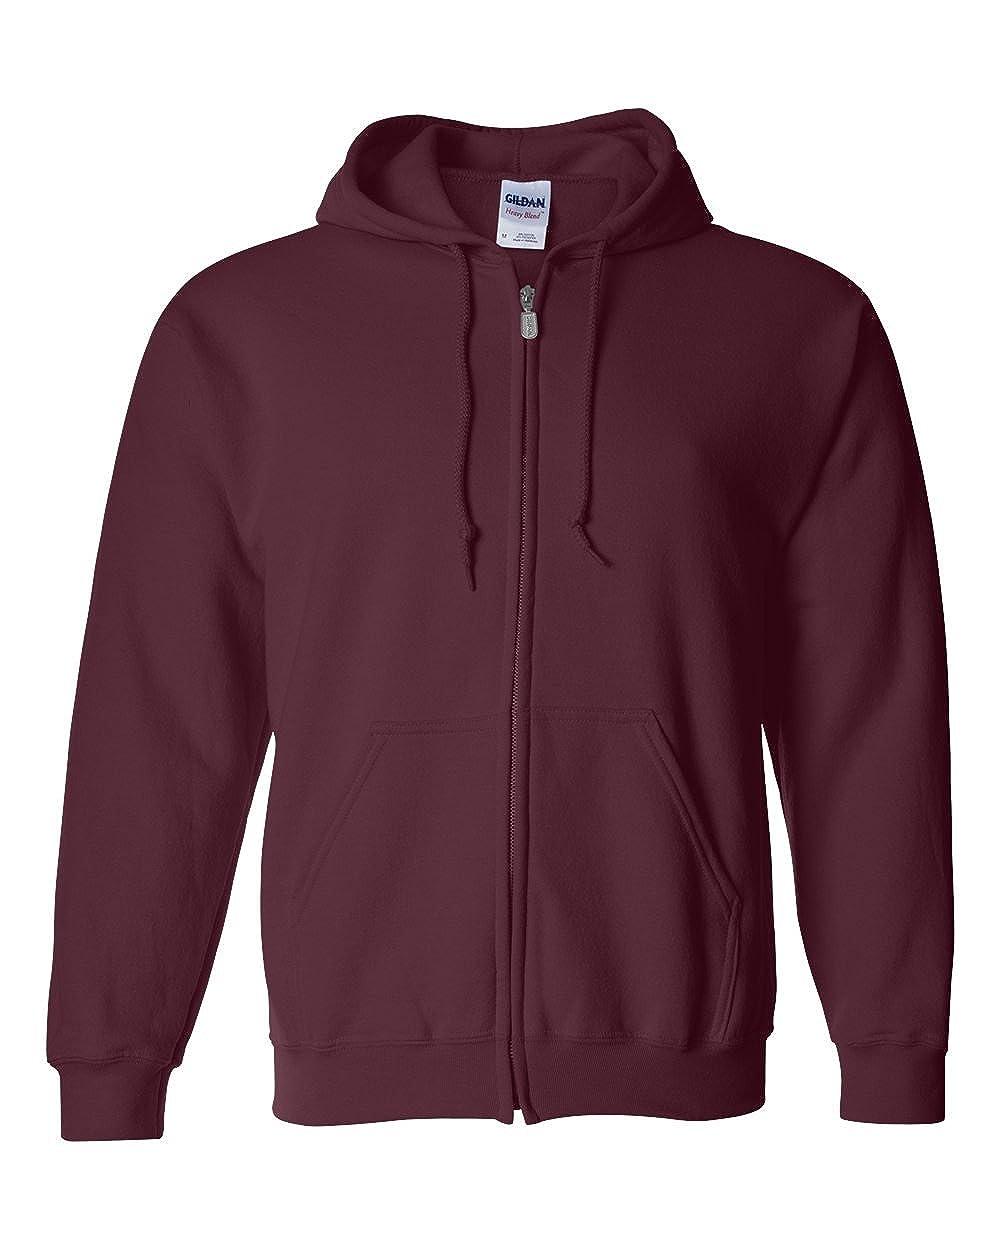 a0b7bca5 Gildan Men's Fleece Zip Hooded Sweatshirt at Amazon Men's Clothing store: